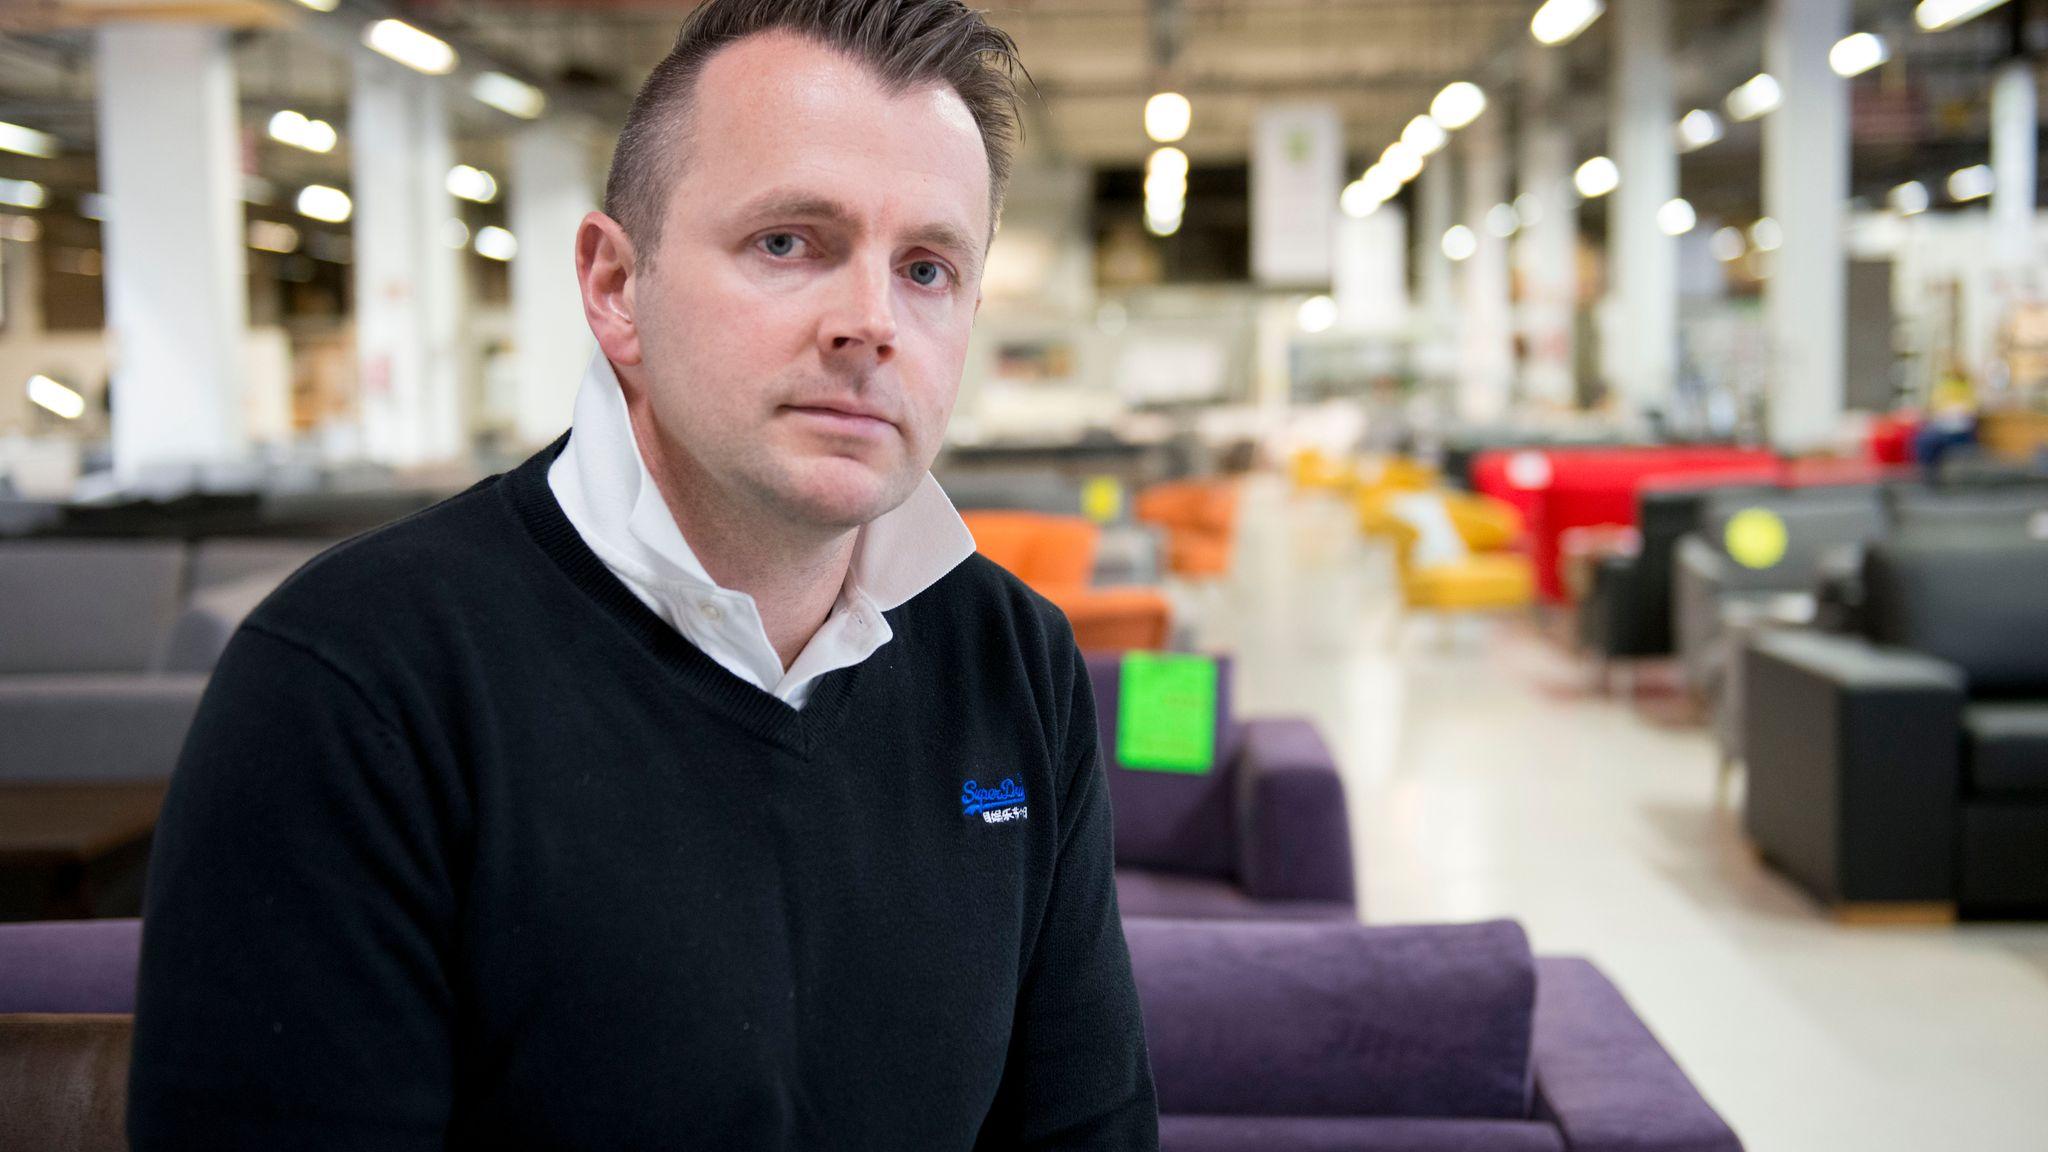 Storslått Gründer får ikke møblere gammel bilbutikk - Stavanger Aftenblad ZA-25